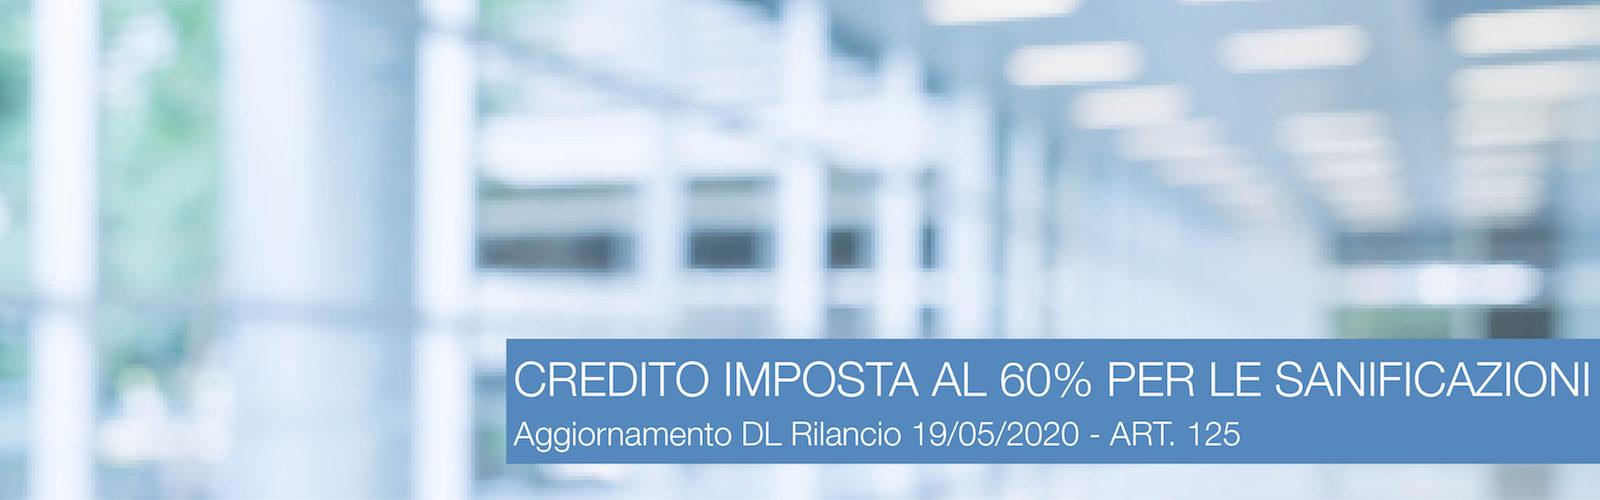 sanificazione_credito_imposta_60_ok